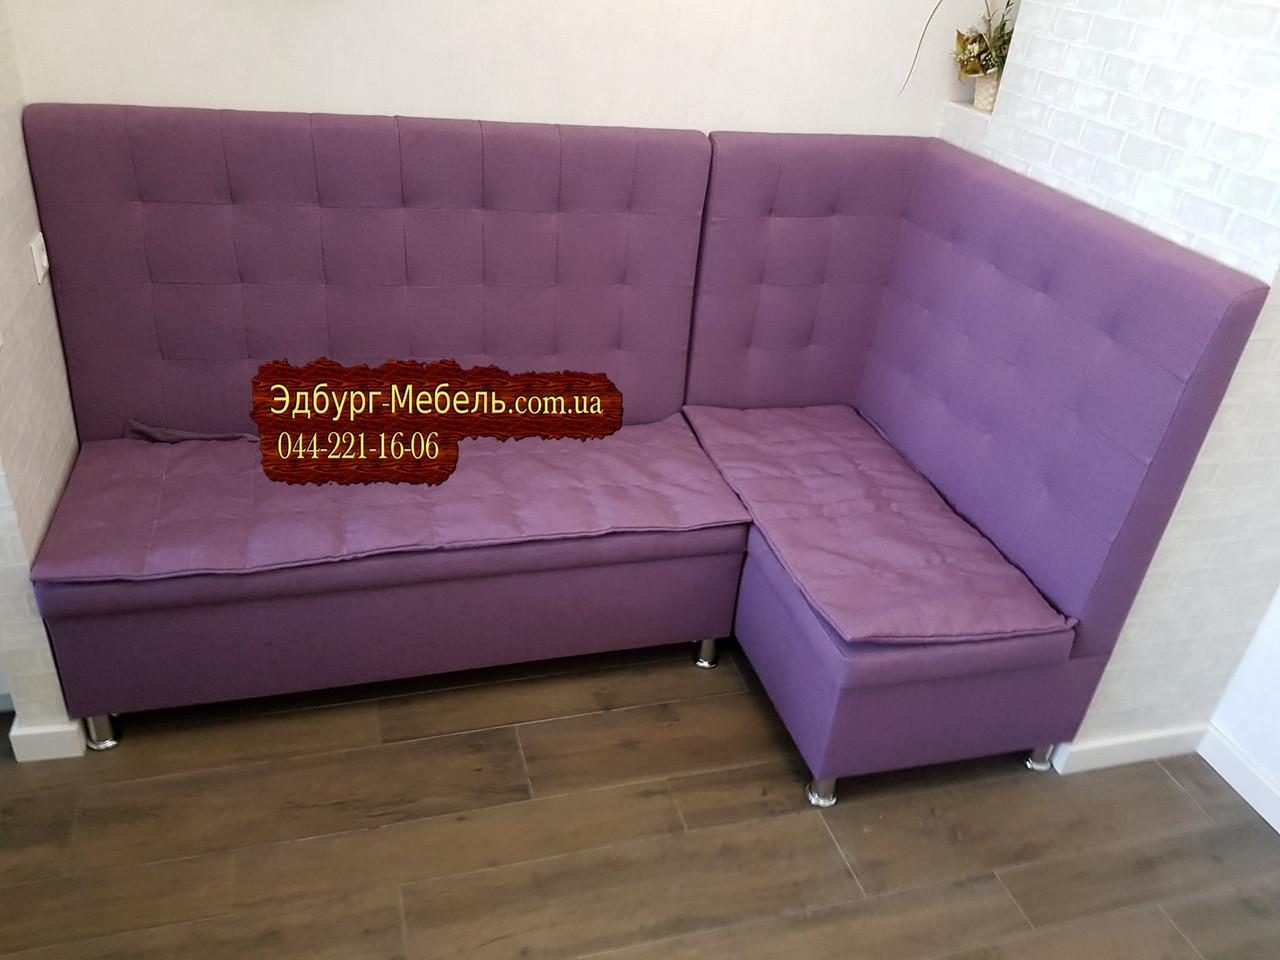 Високий фіолетовий кухонний куточок 1900х1300мм